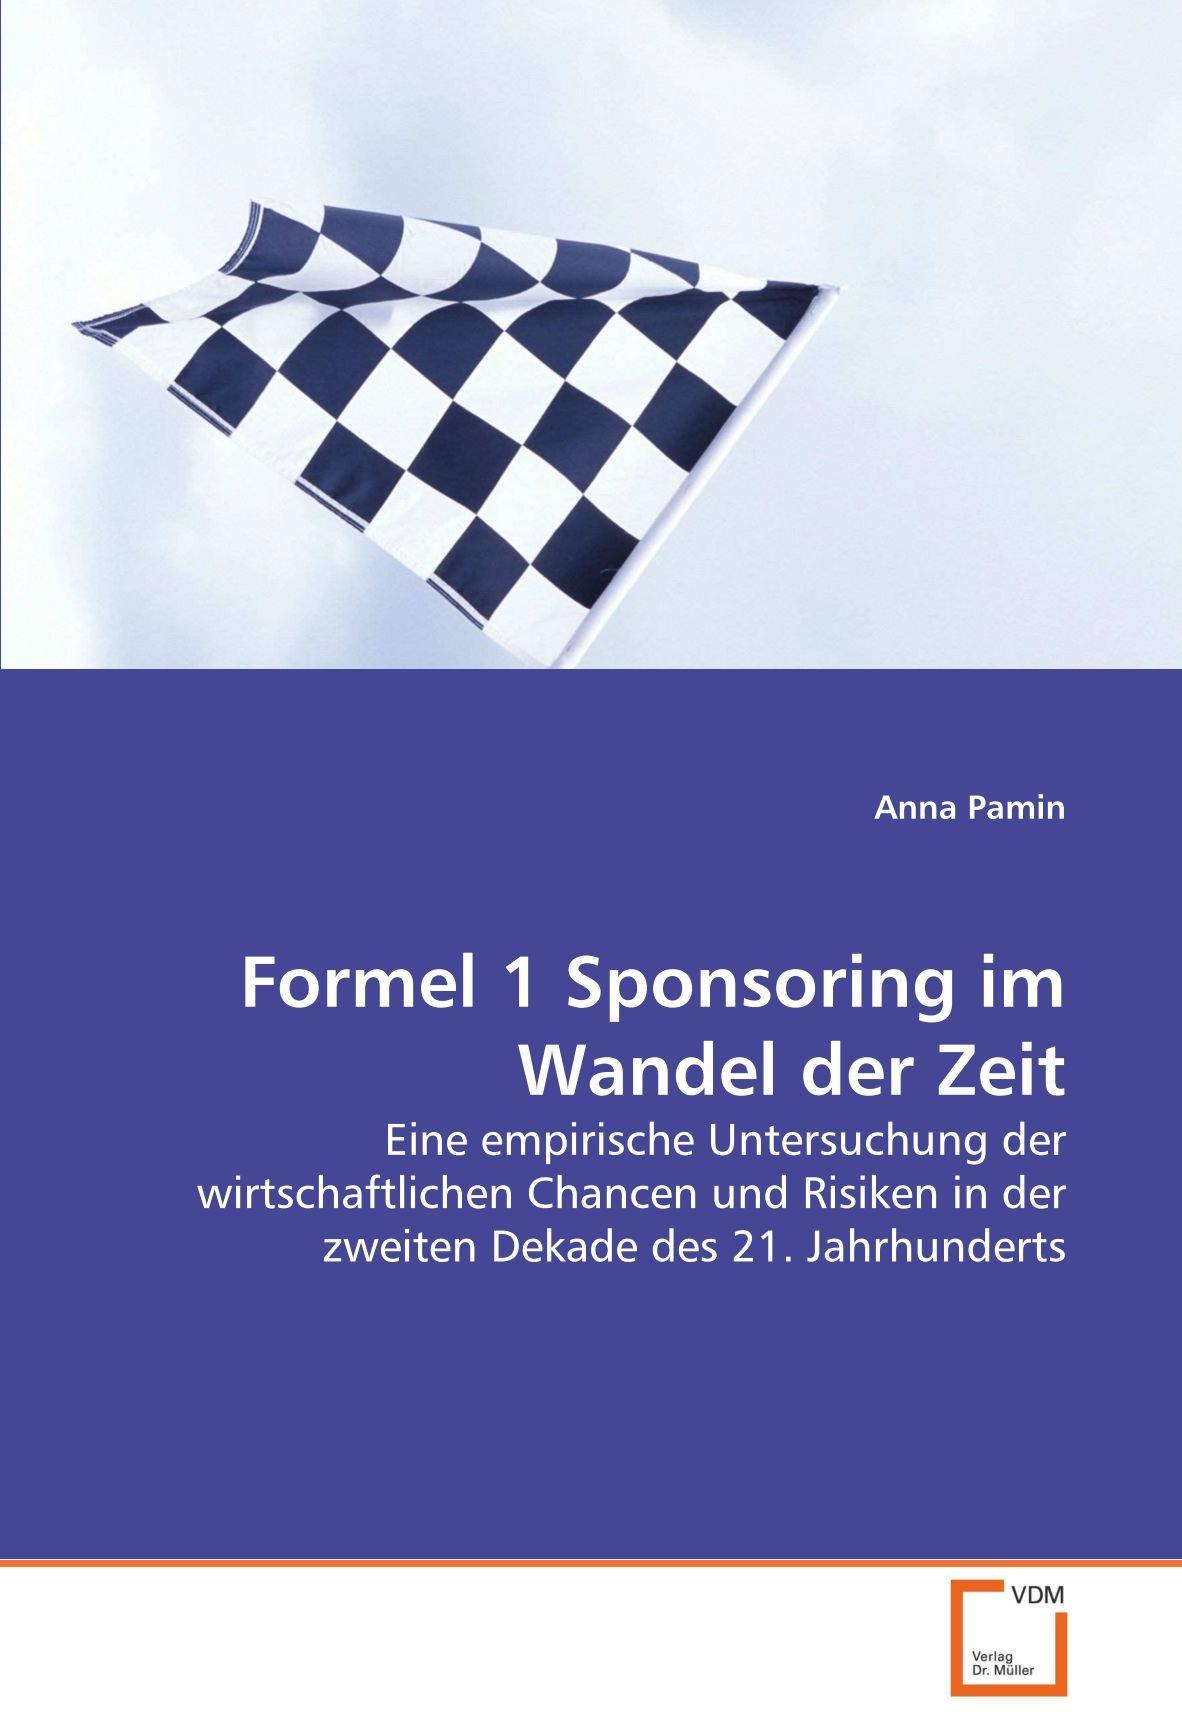 Formel 1 Sponsoring im Wandel der Zeit: Eine empirische Untersuchung der wirtschaftlichen Chancen und Risiken in der zweiten Dekade des 21. Jahrhunderts